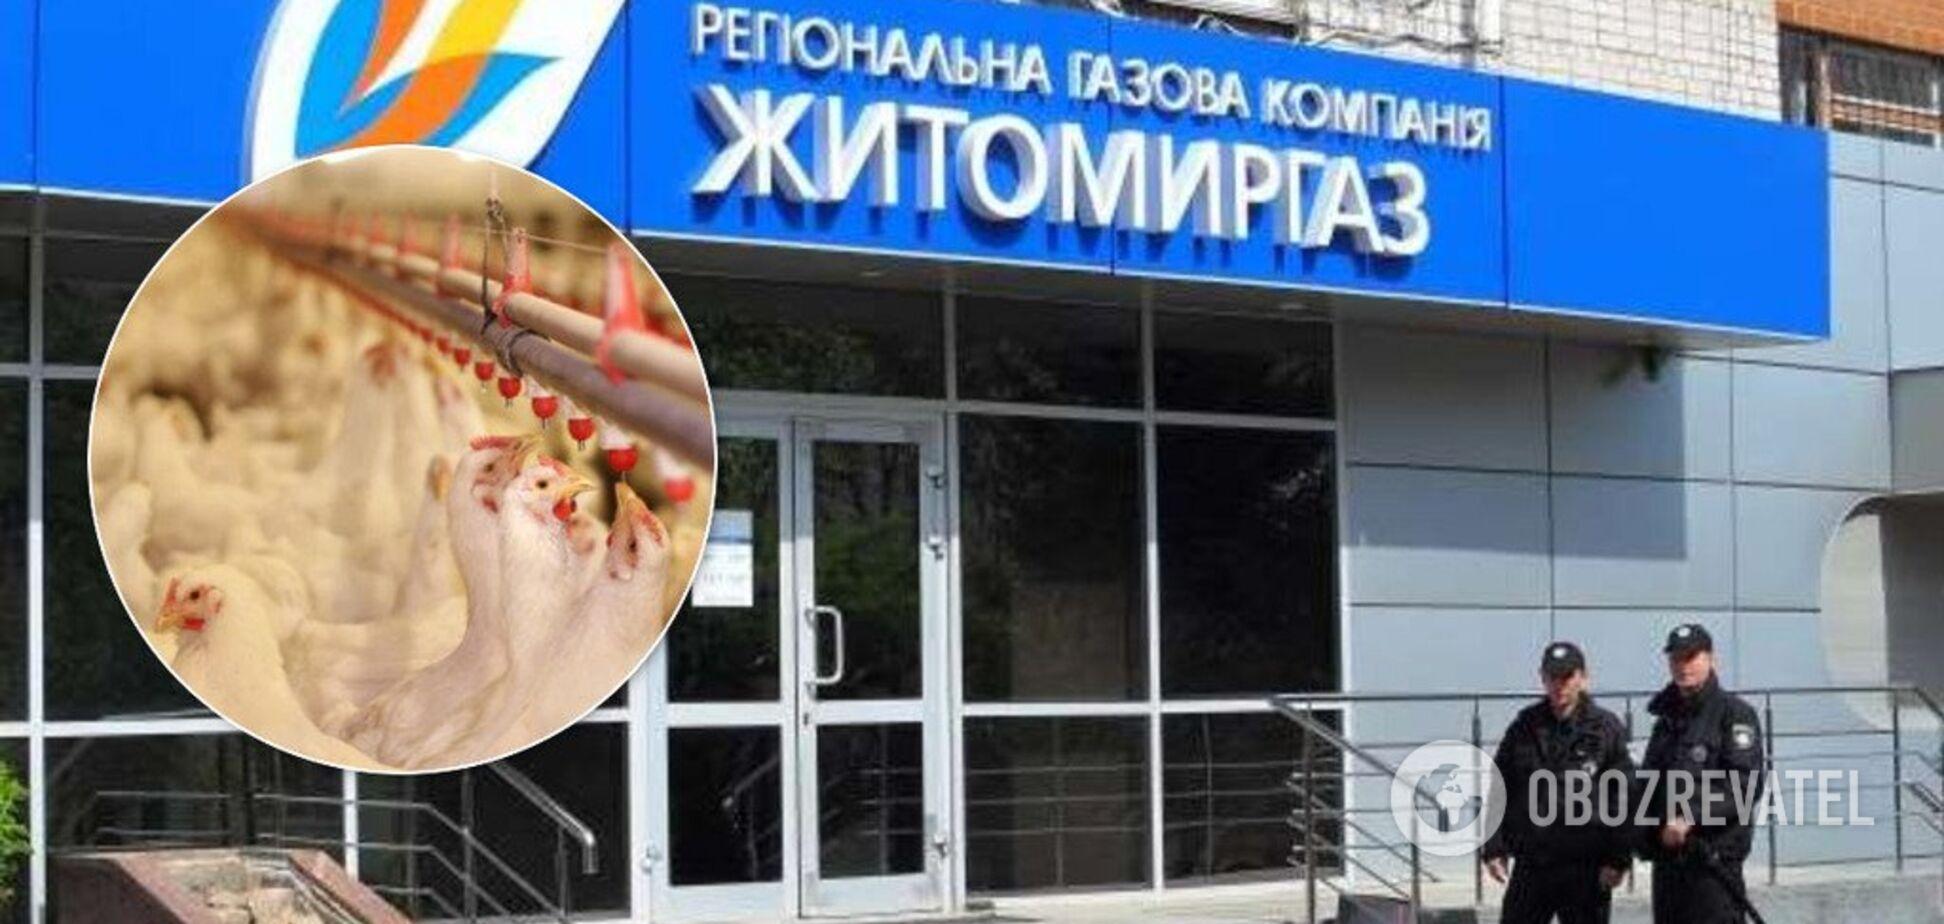 Открытое письмо руководства 'Комплекса Агромарс' о злоупотреблениях 'Житомиргаза'